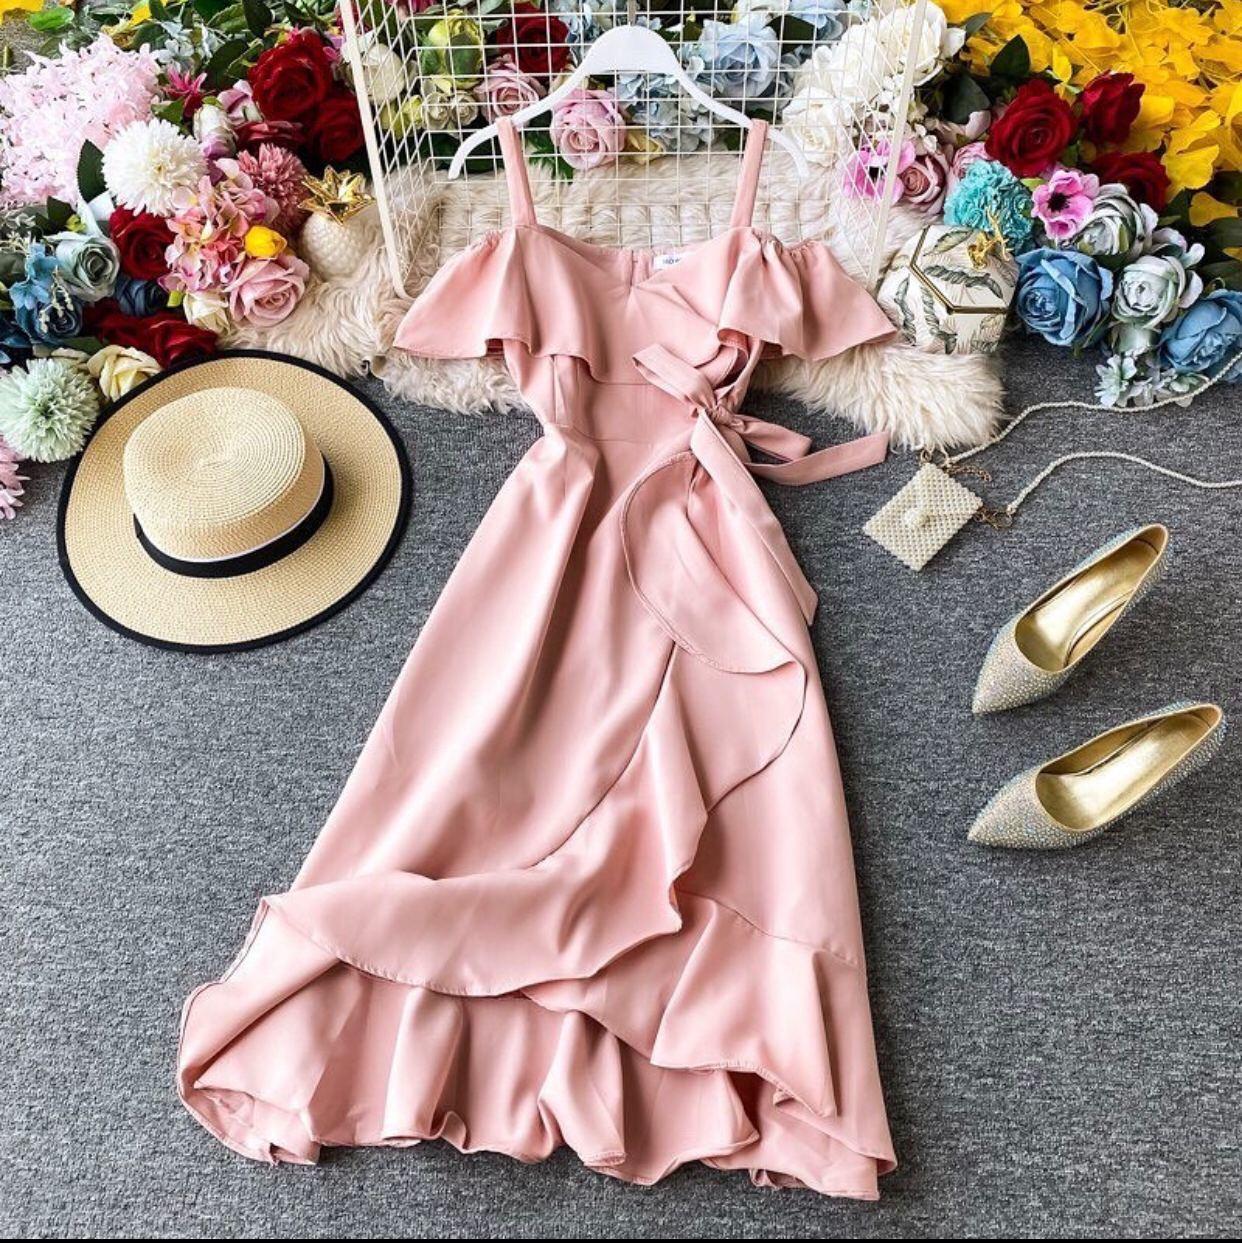 Sweetheart Dress 1.jpg